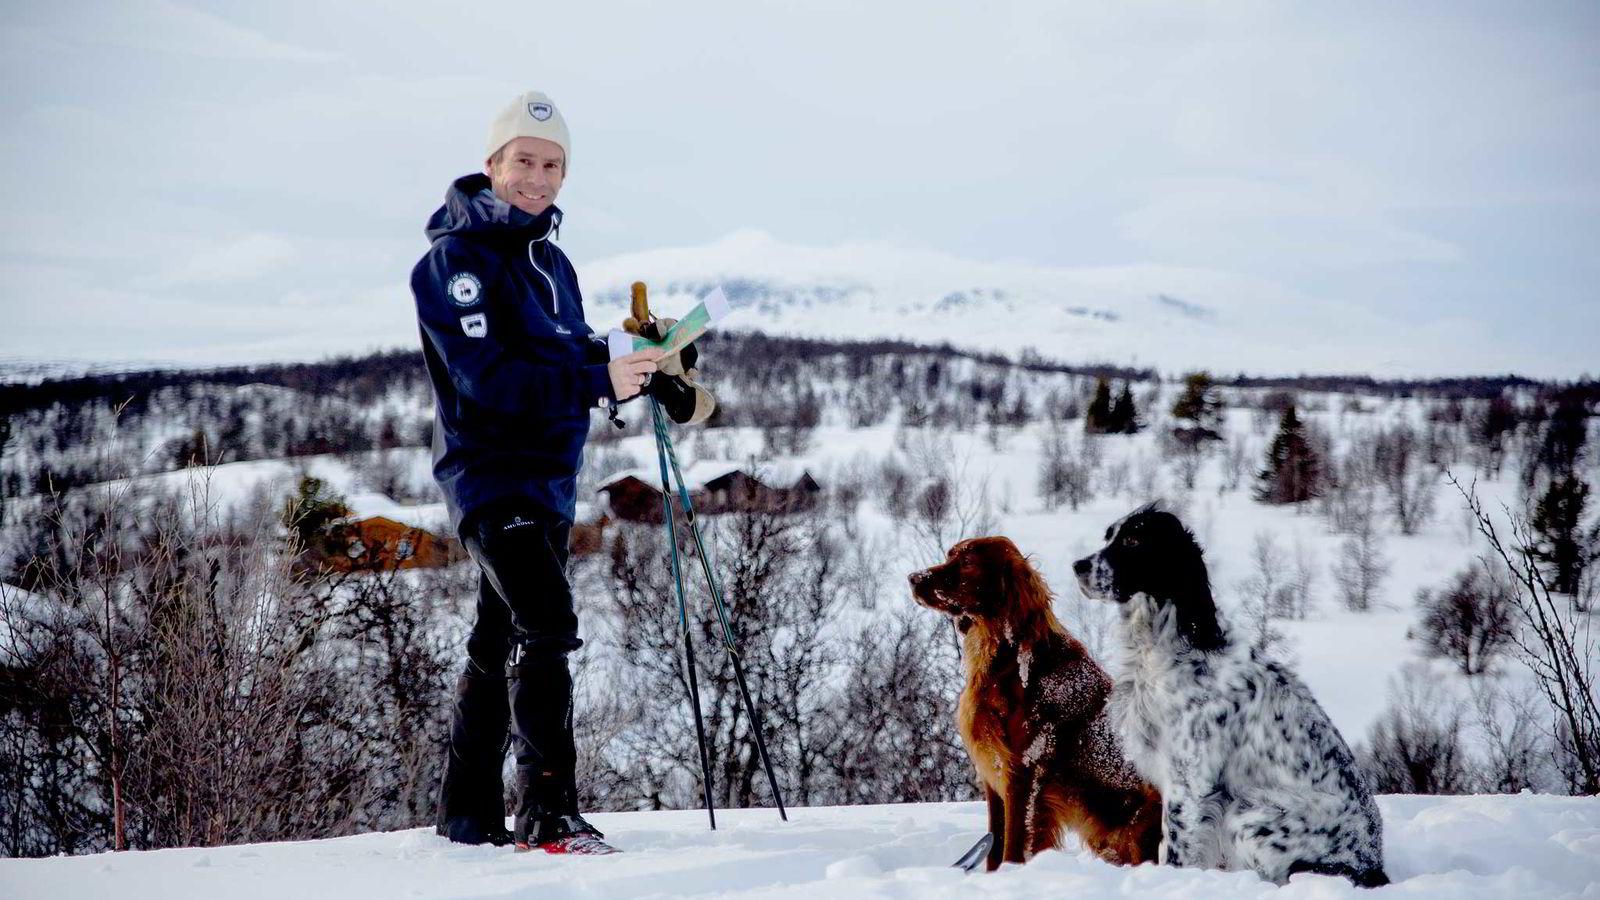 Eiendomsmegler Christian Haatuft i Eiendomsmegler 1, besiktiger tomter i Skurdalen, Geilo med direkte utsikt til Hallingskarvet.